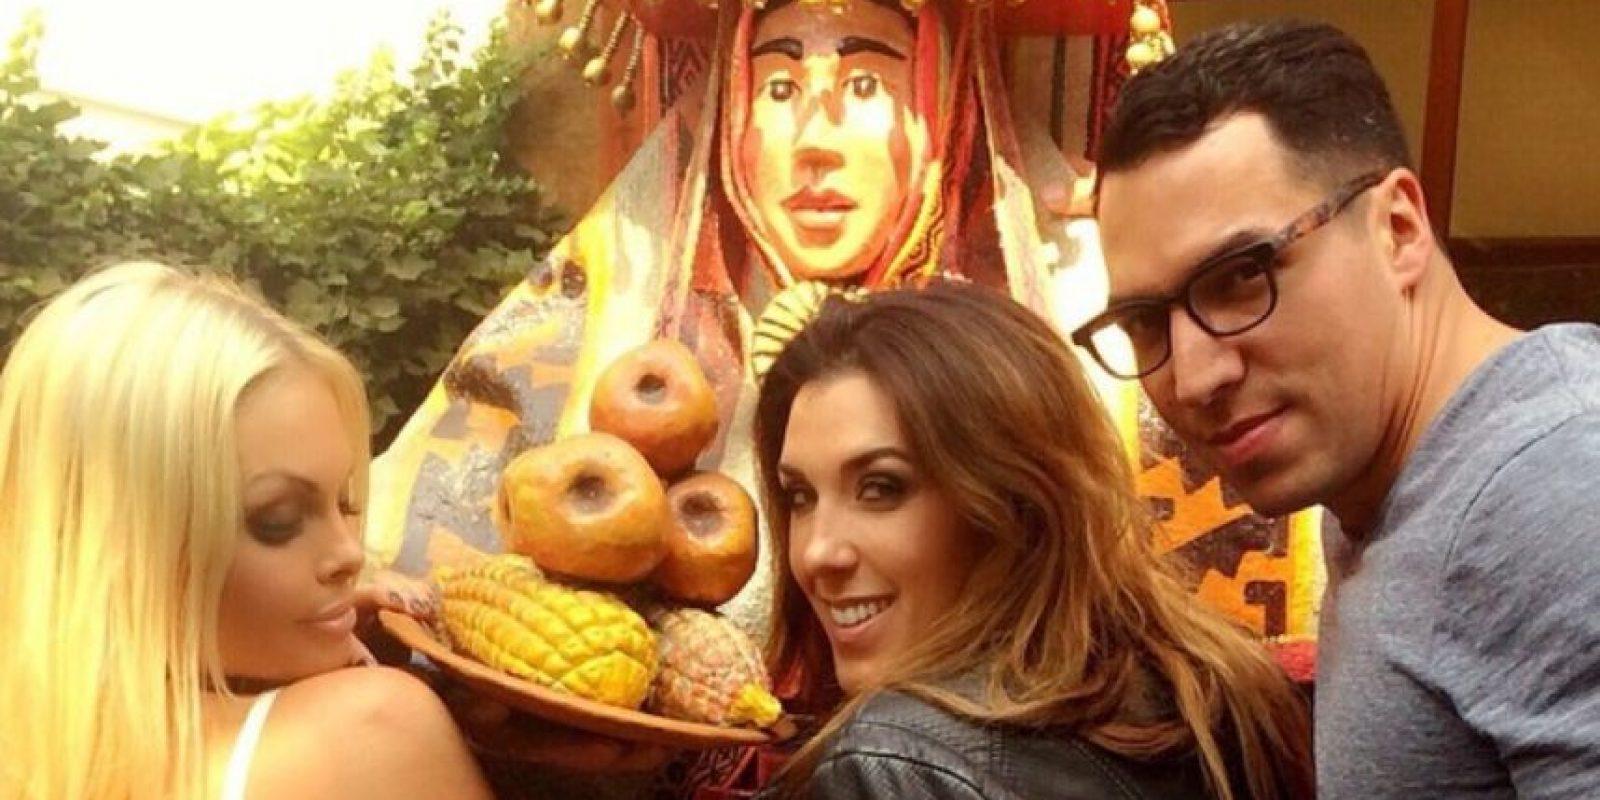 Con sus amigos dando un tour por Santiago de Chile. Foto:instagram.com/sexyjessej